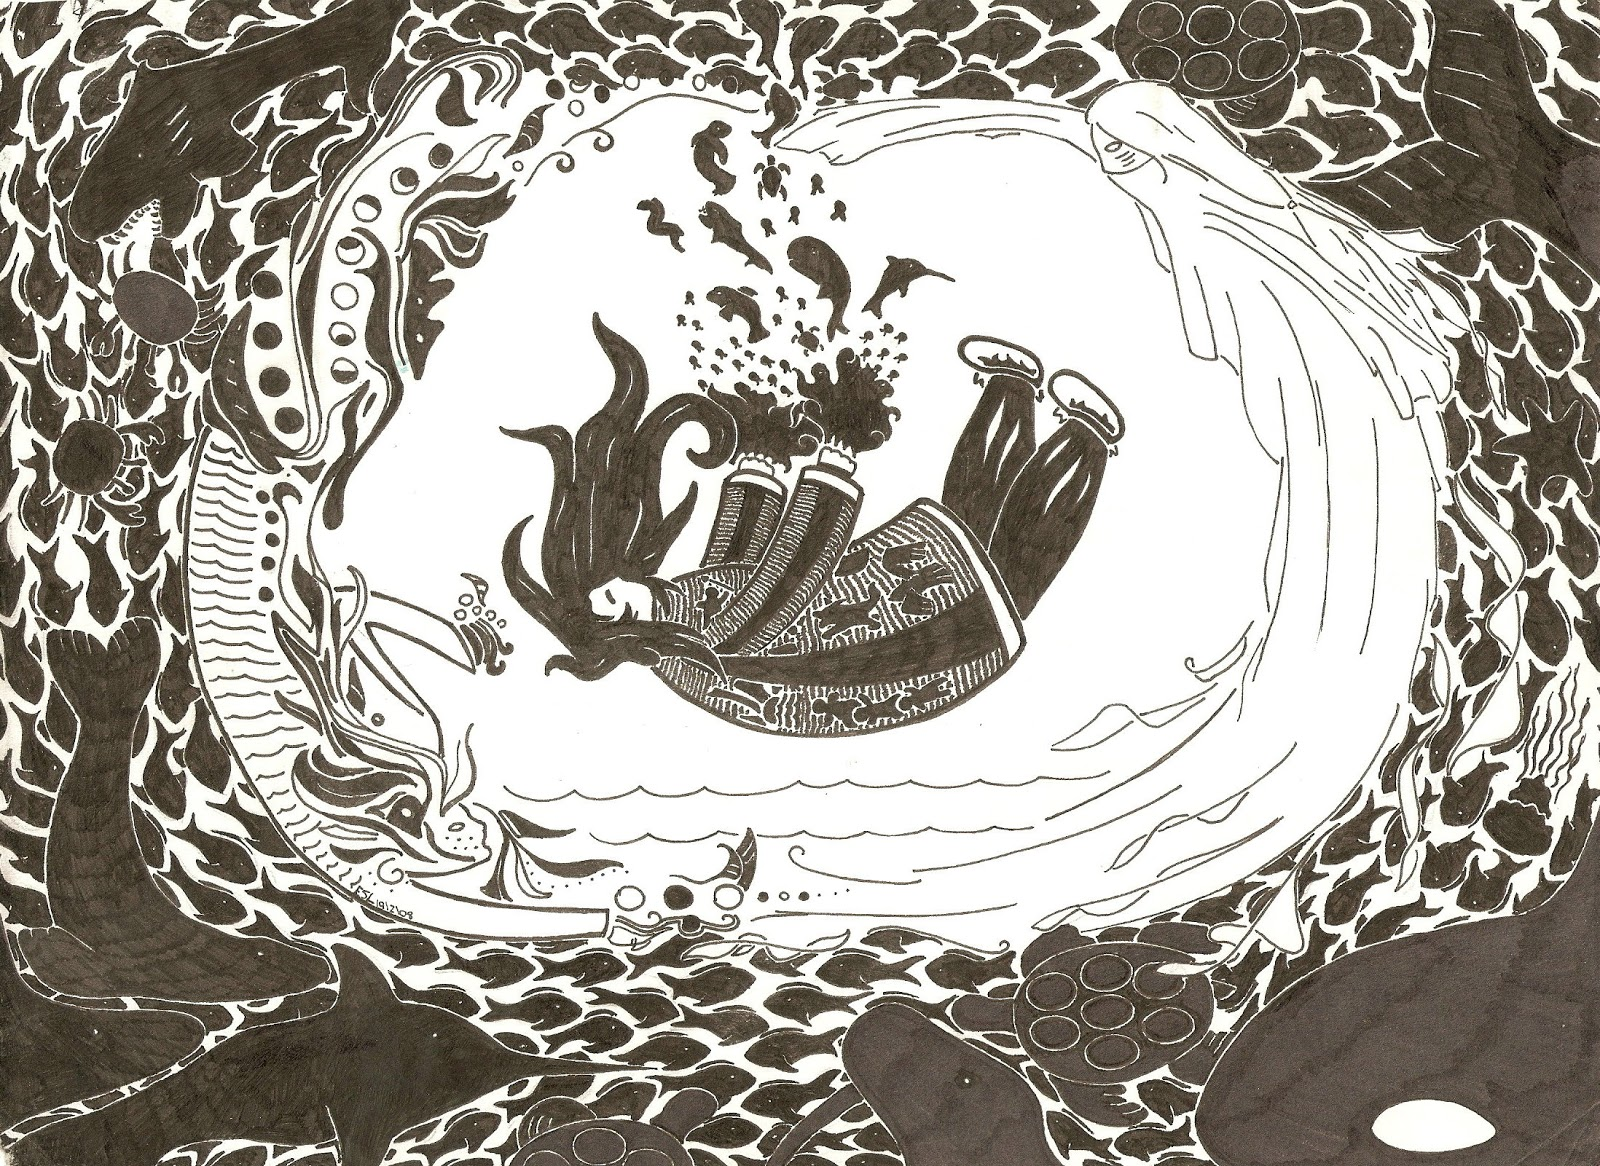 Mythologies: Sedna (Inuit Creation Story)